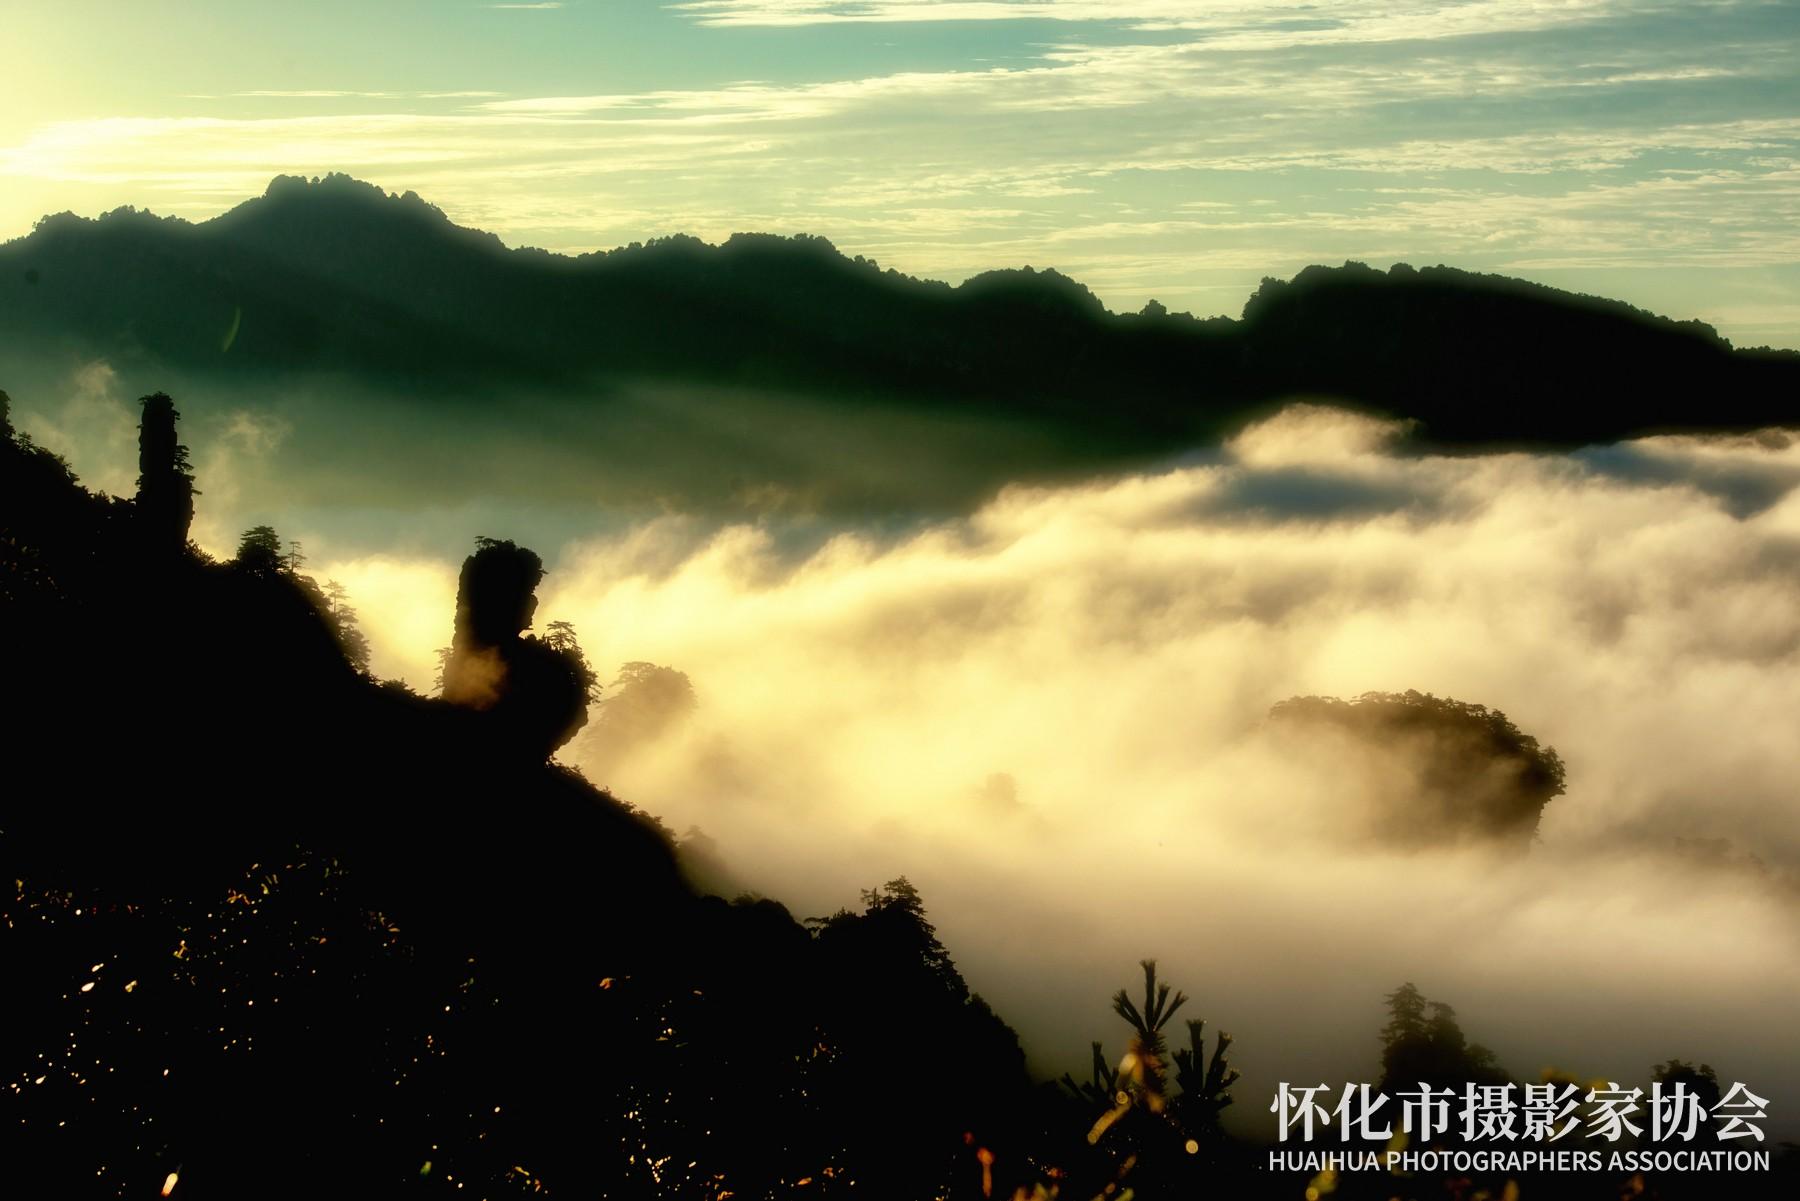 《仙女峰晨雾》吴小平